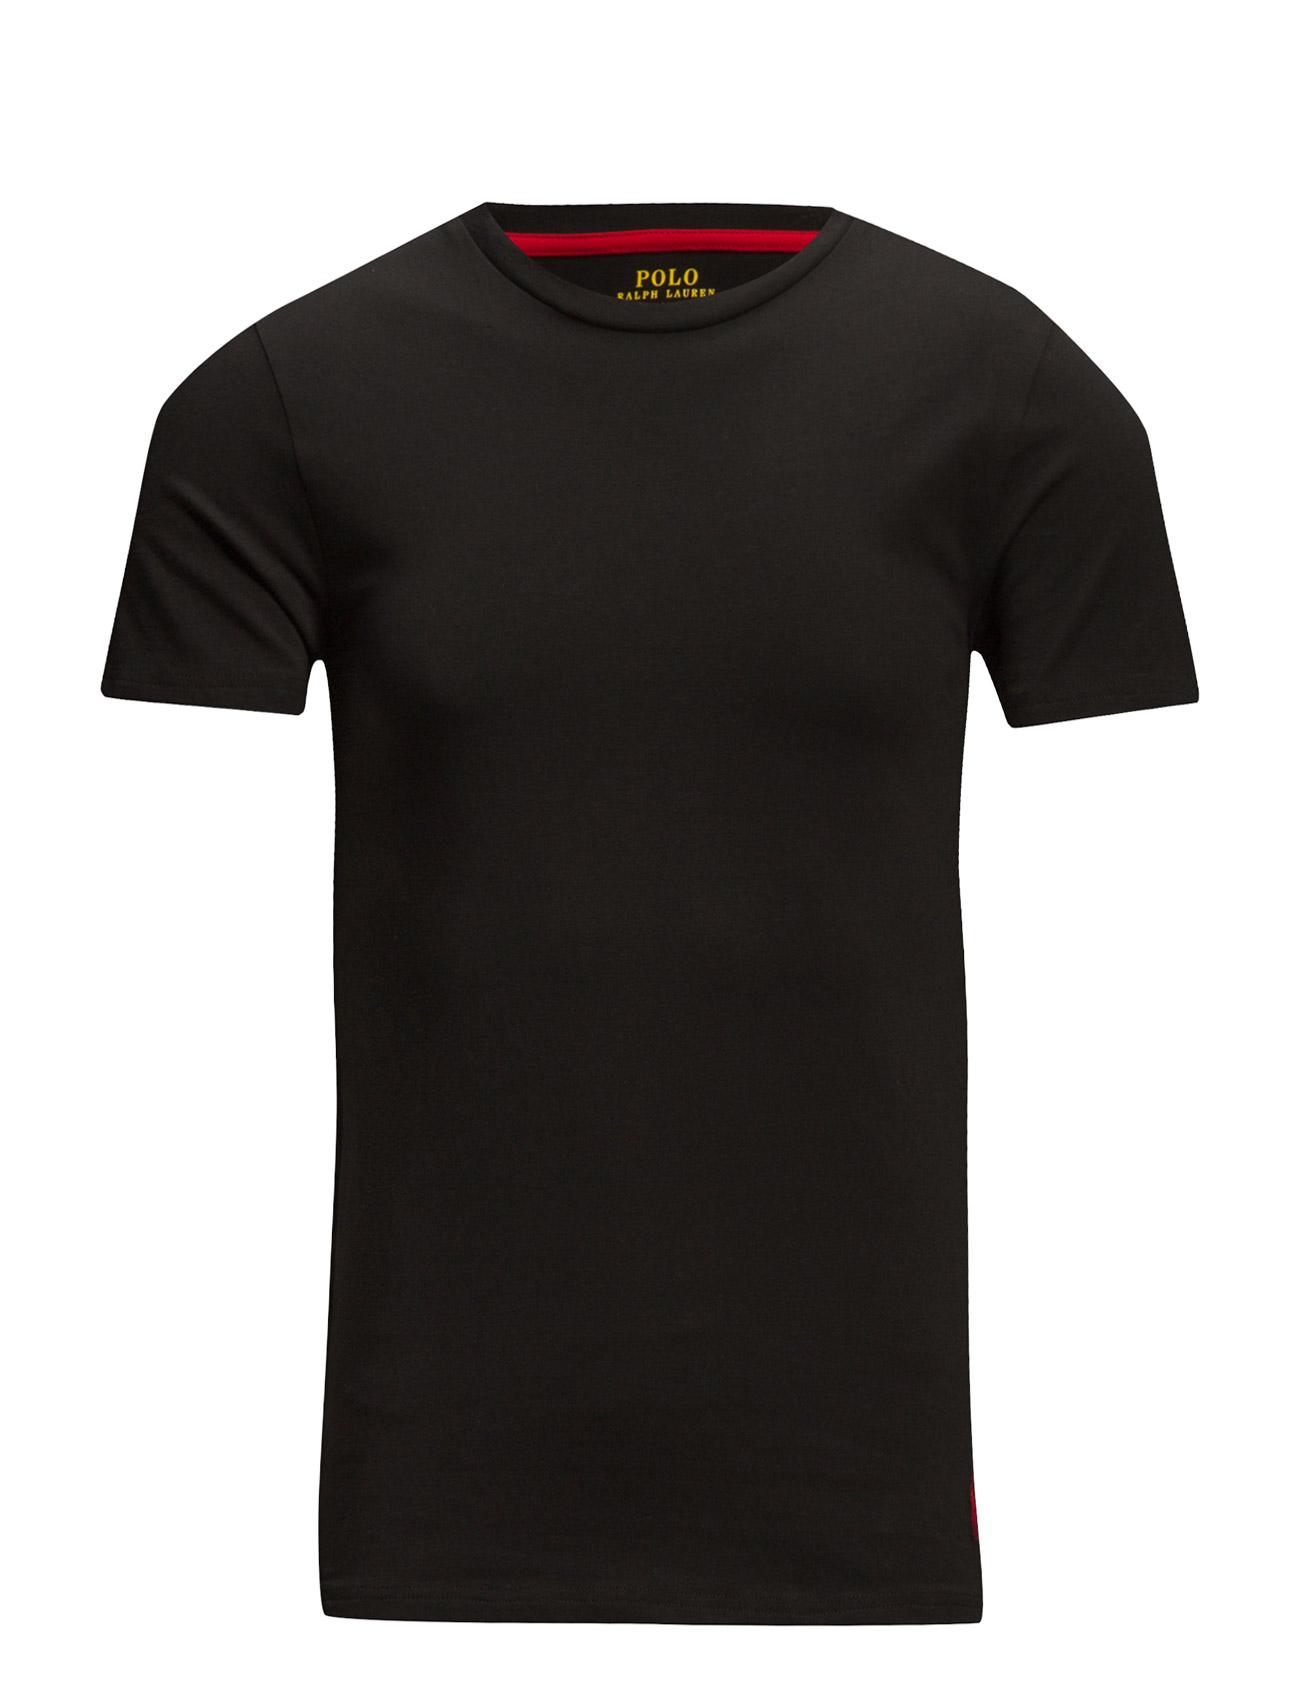 94ce64132f015 Cotton Crewneck T-shirt (Polo Black) (£37) - Polo Ralph Lauren ...